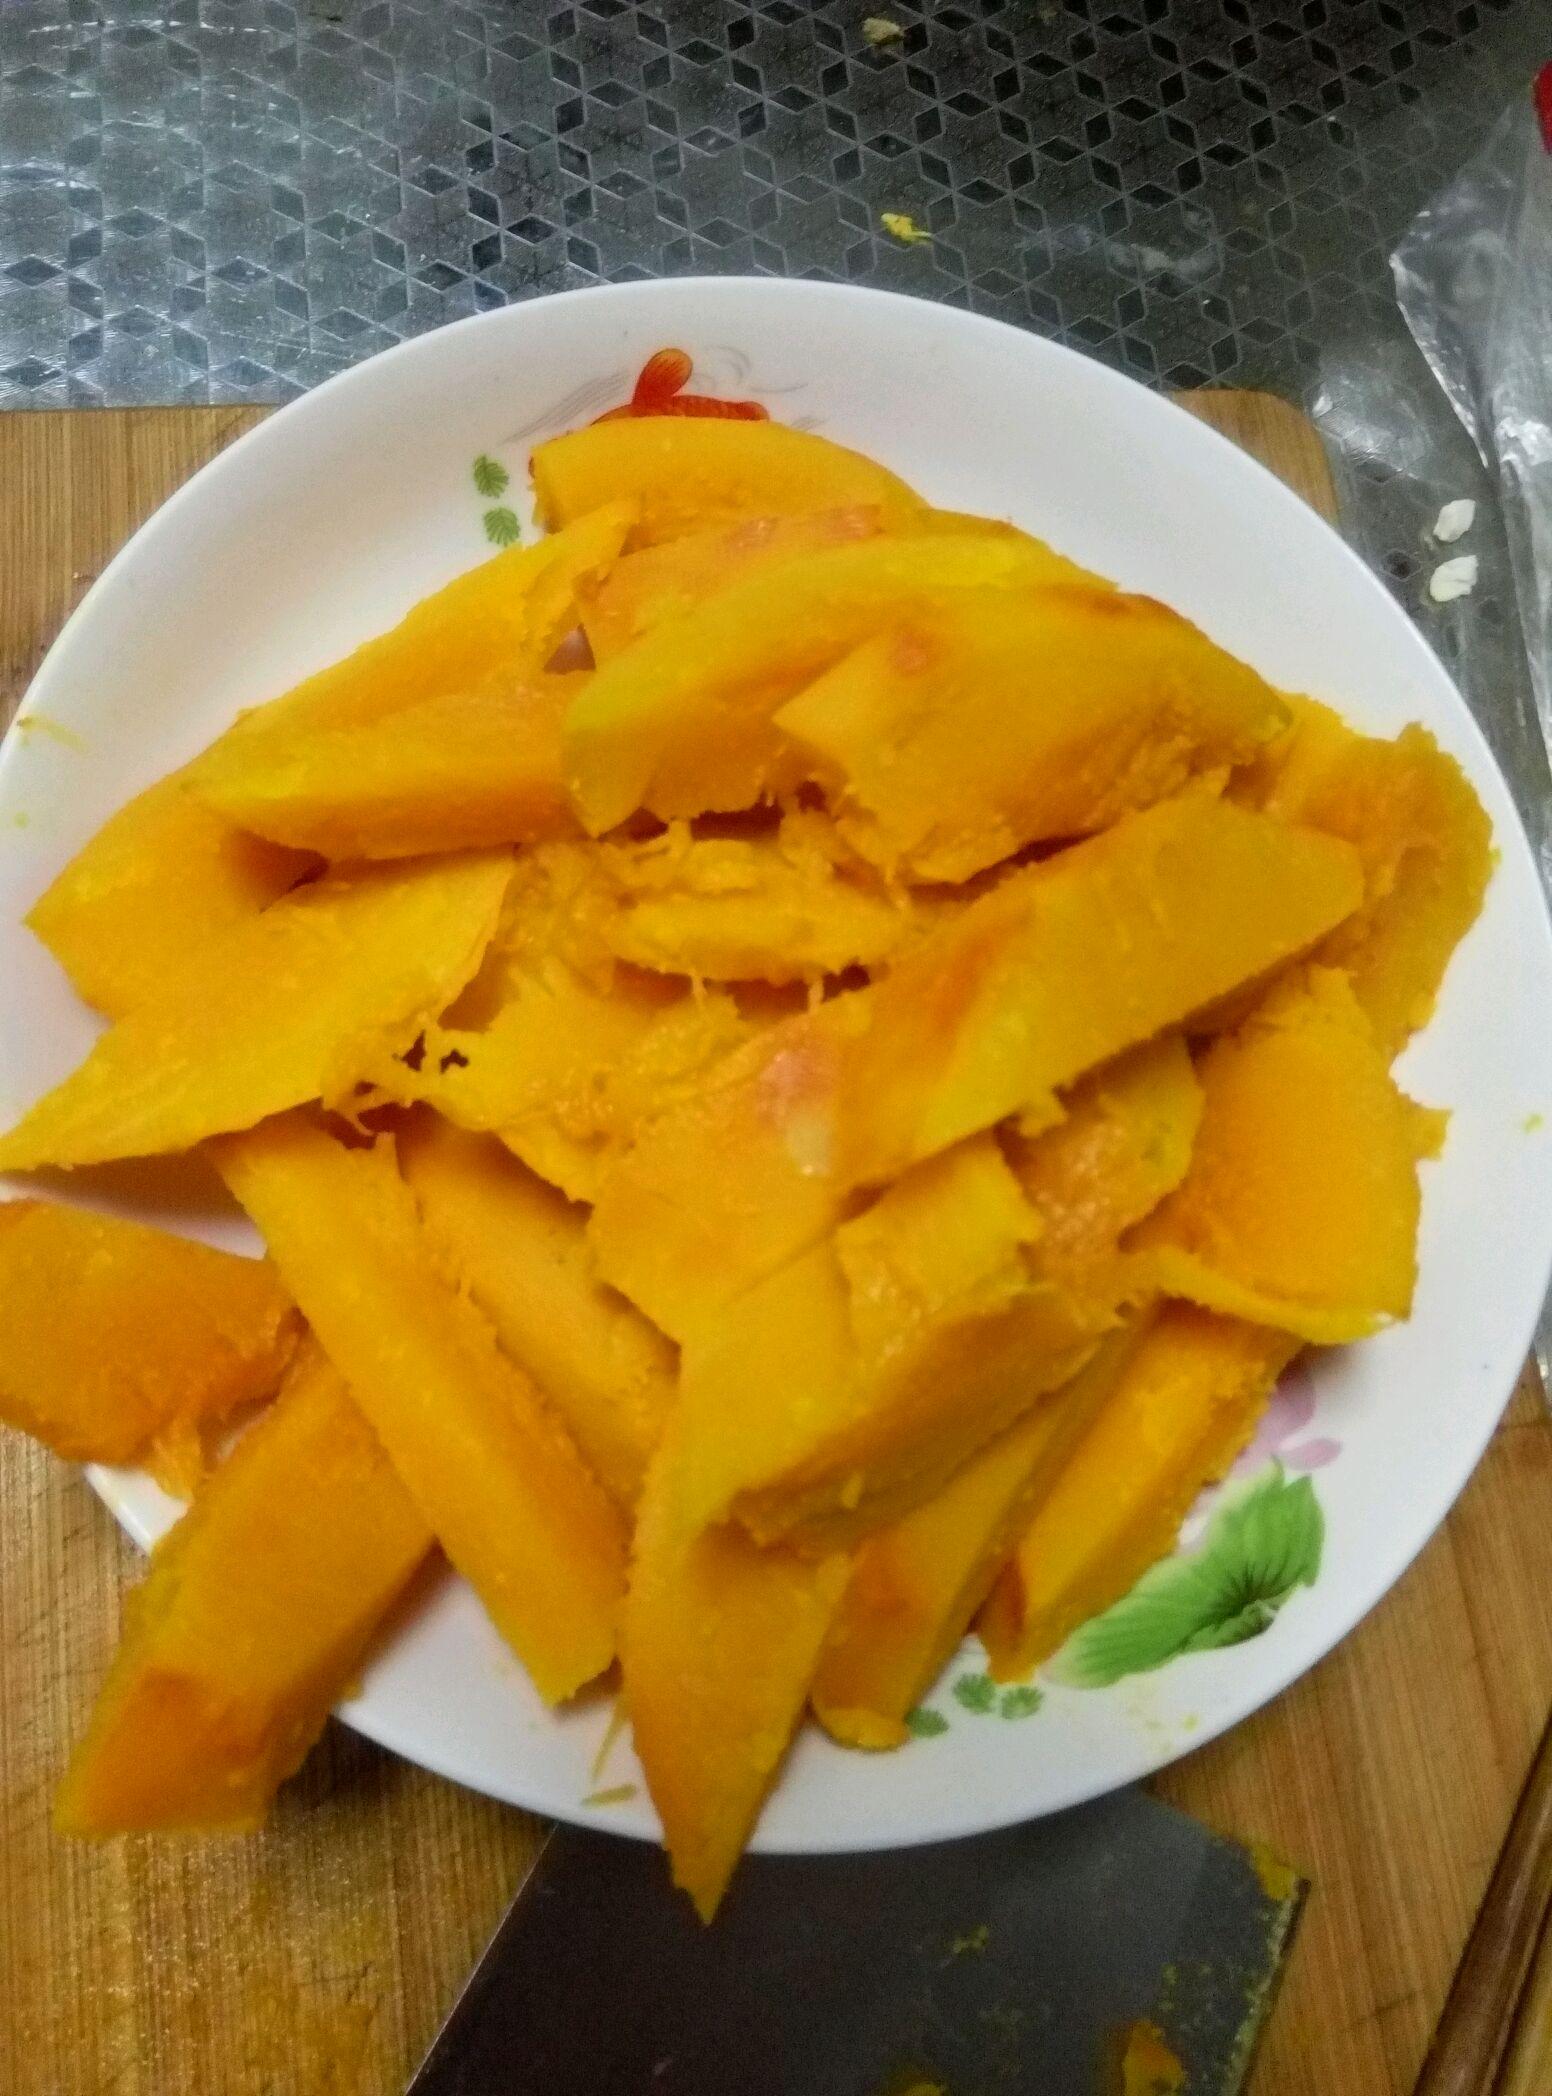 咸蛋黄焗南瓜的做法_【图解】咸蛋黄焗南瓜怎么做如何